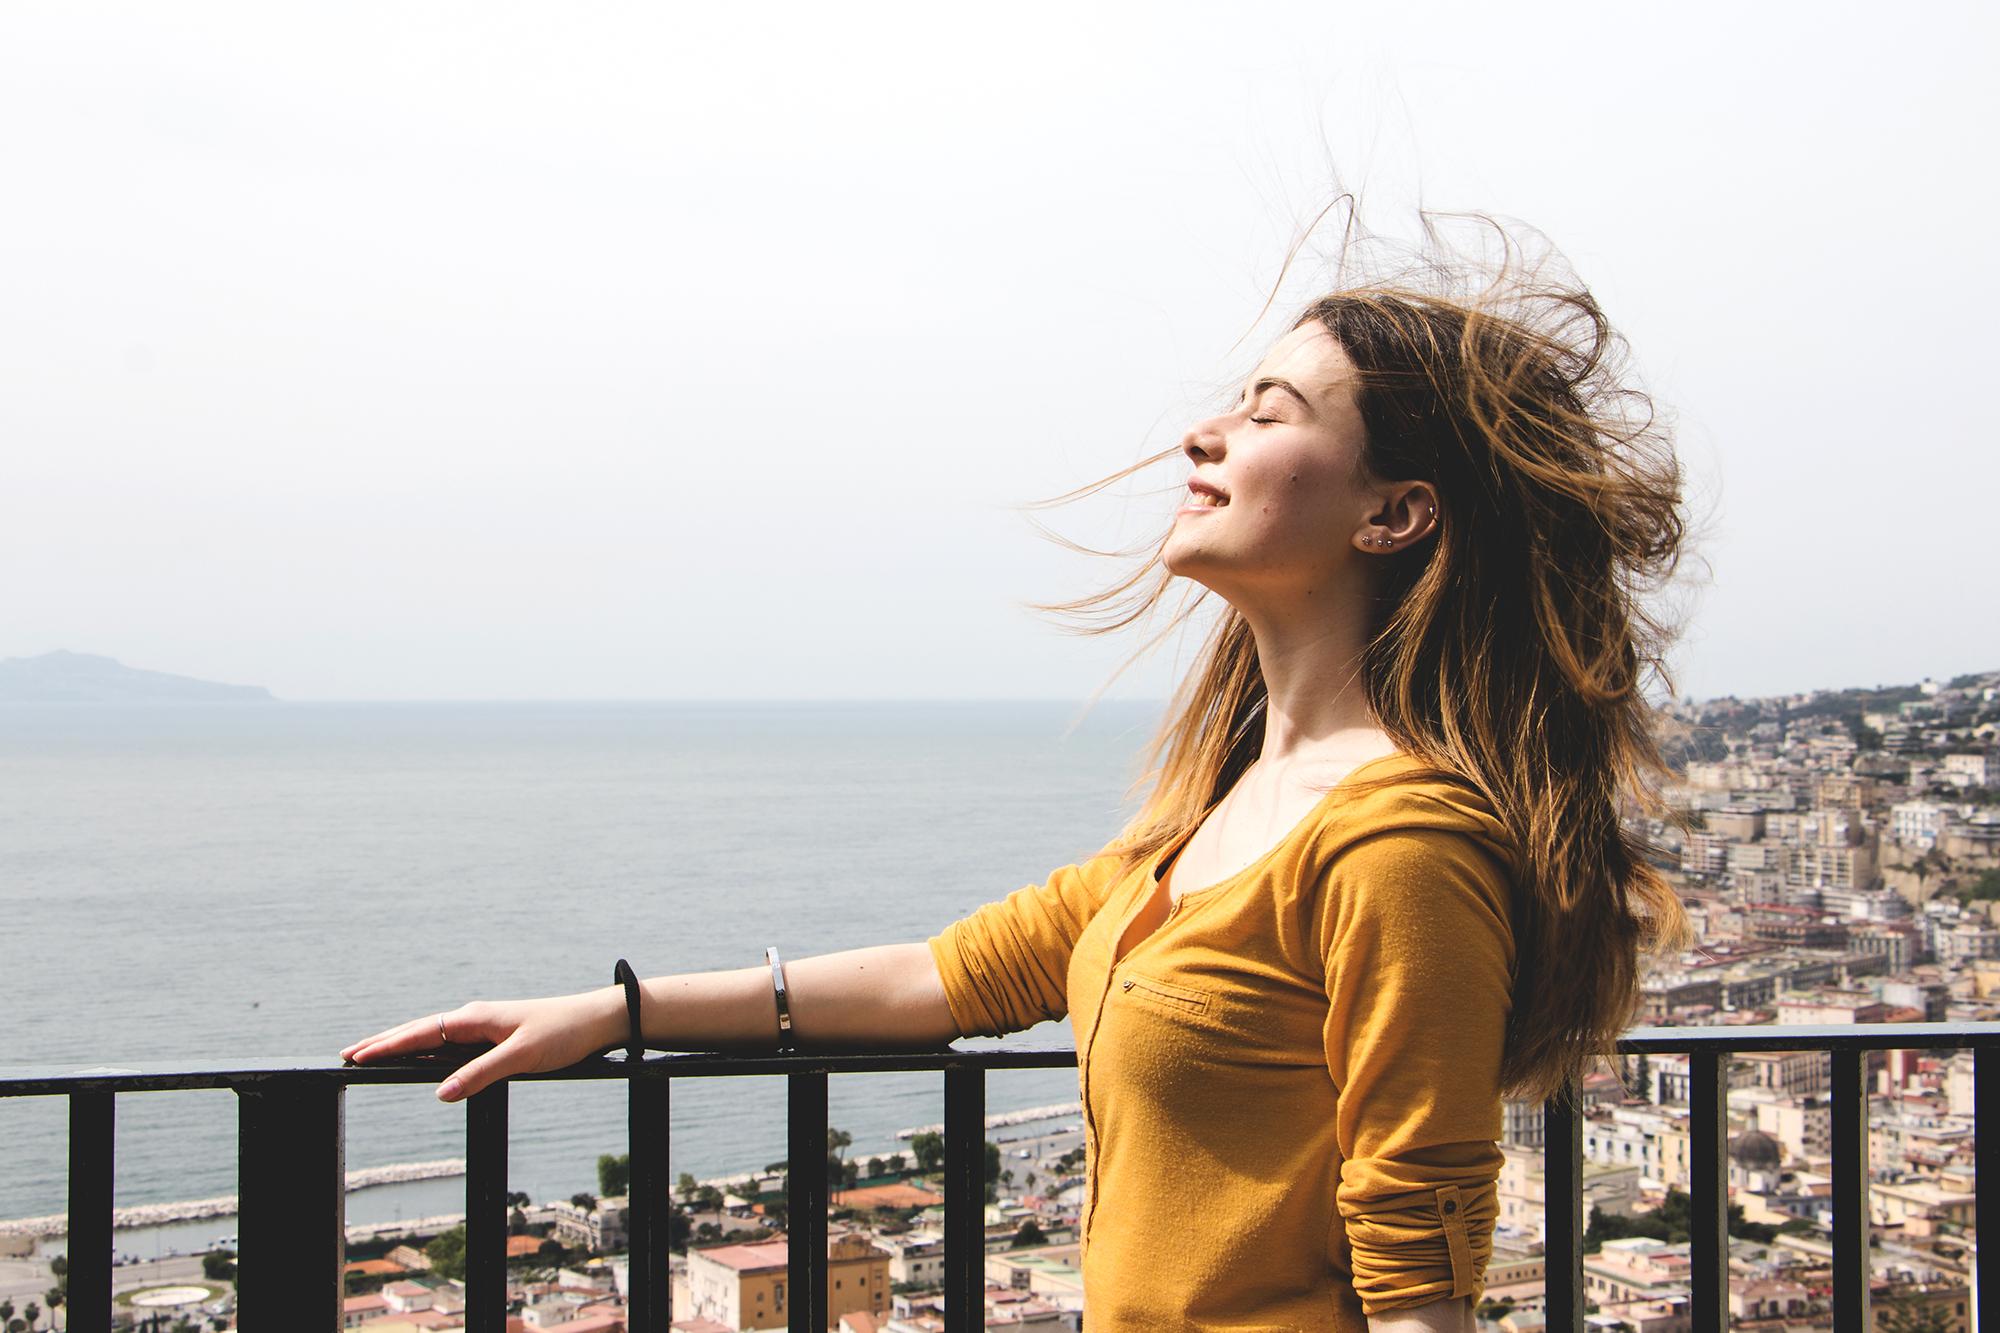 woman-enjoying-breath-wind